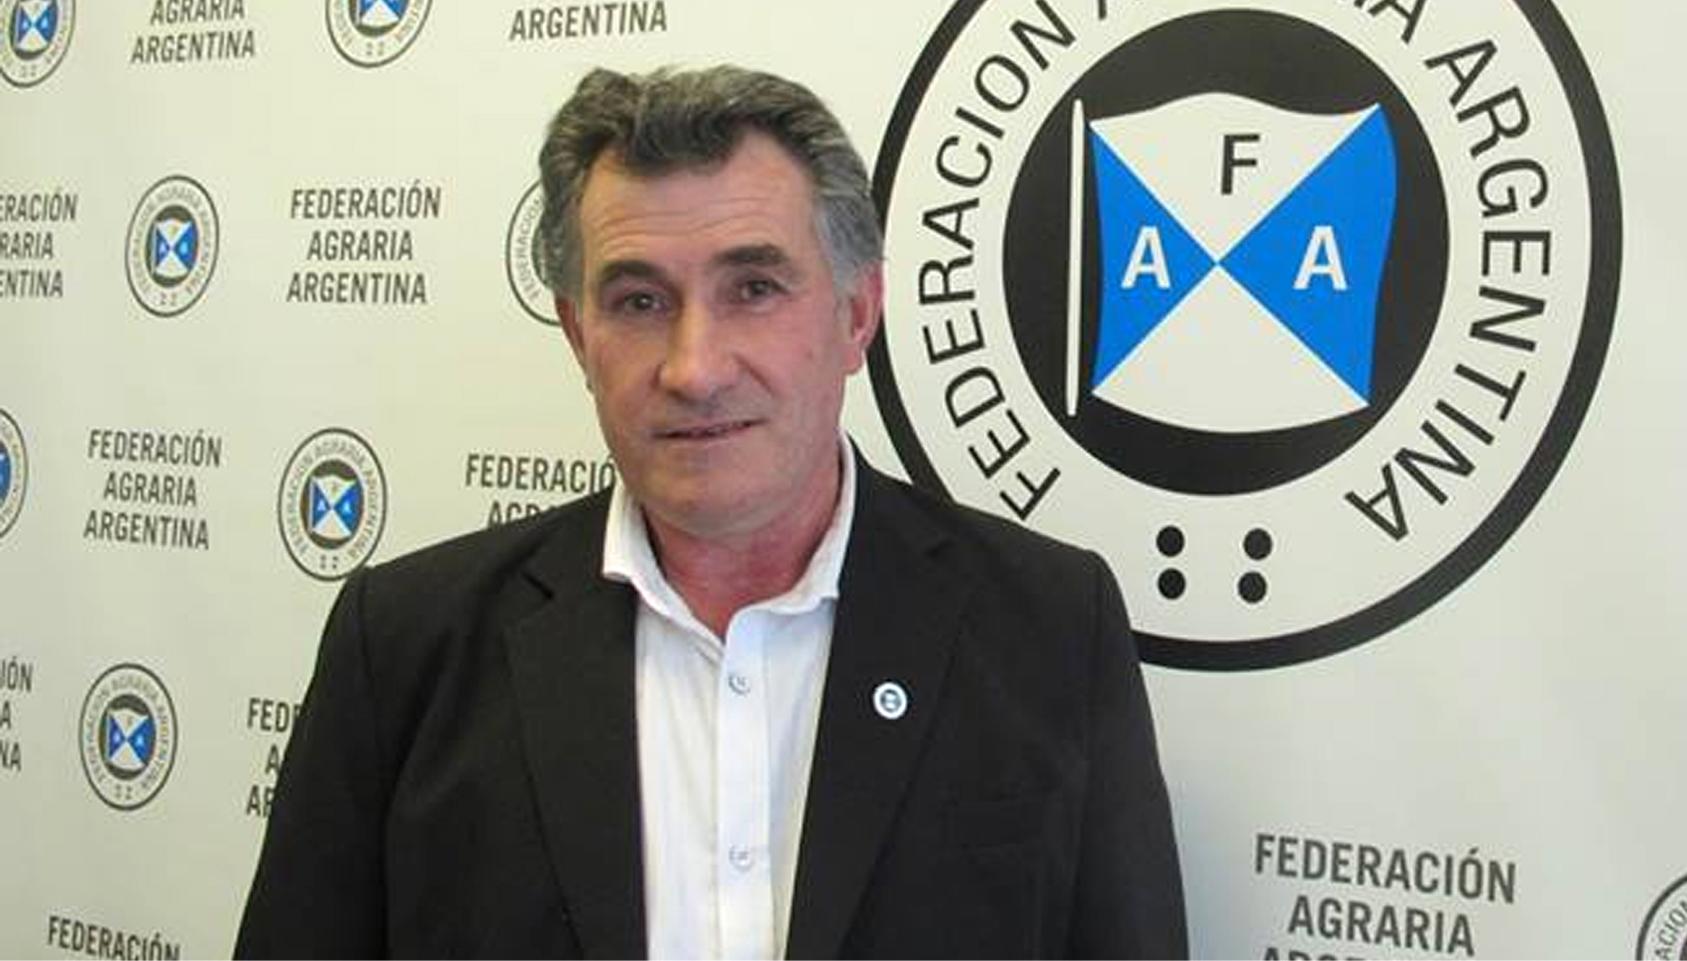 La interna, al rojo vivo: Carlos Achetoni fue reelecto al frente de Federación  Agraria | Infocampo